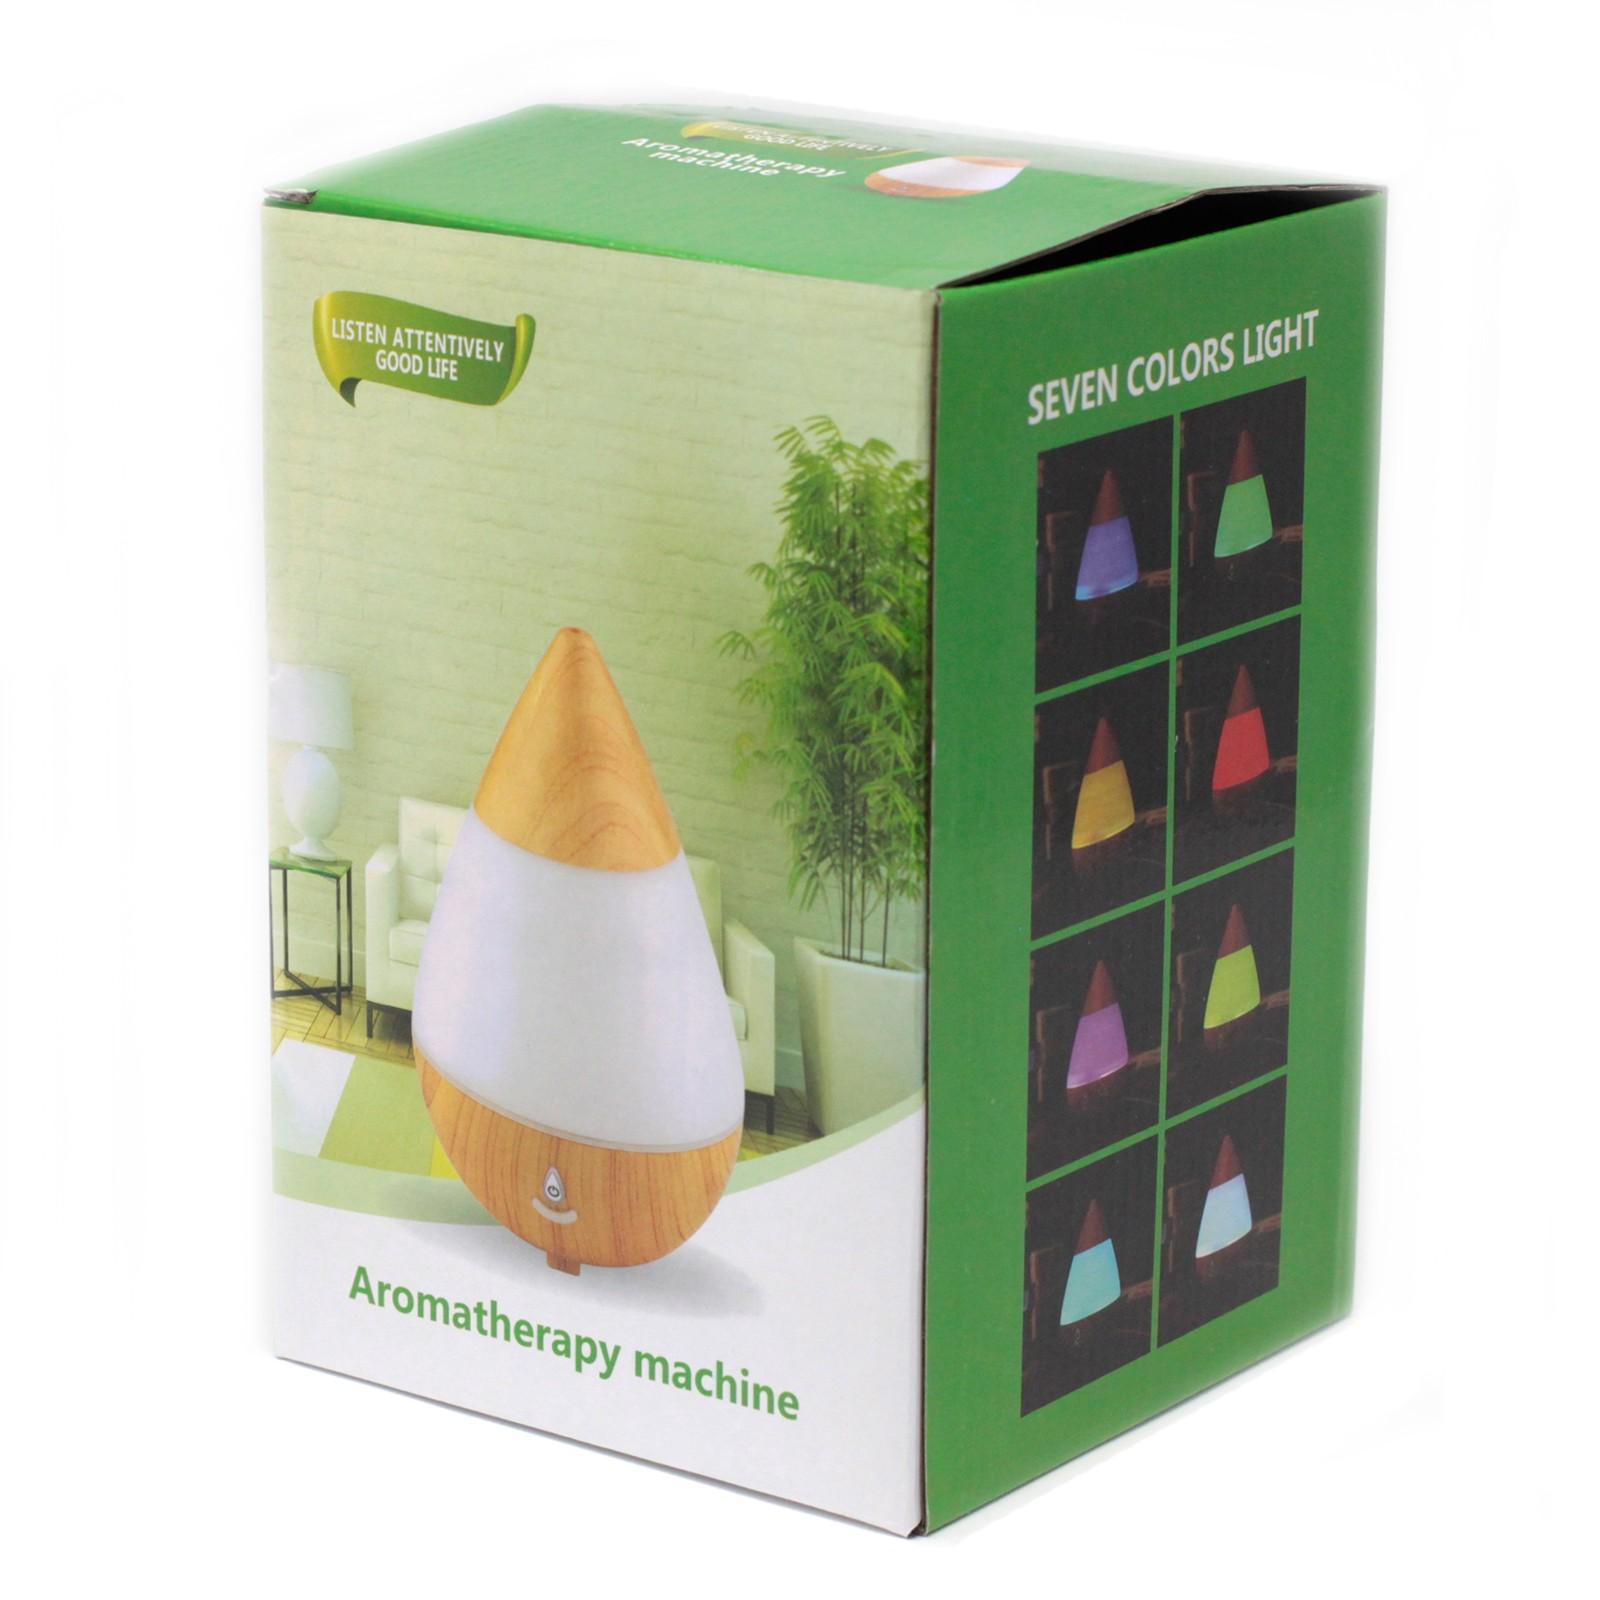 Aroma Difuzér Slza - USB - LED podsvícení